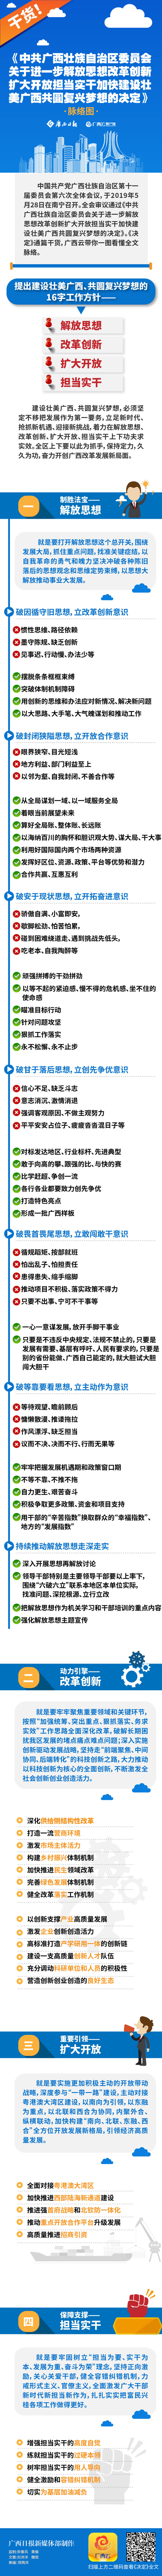 广西发布《决定》解放思想改革创新扩大开放担当实干!一图读懂脉络!